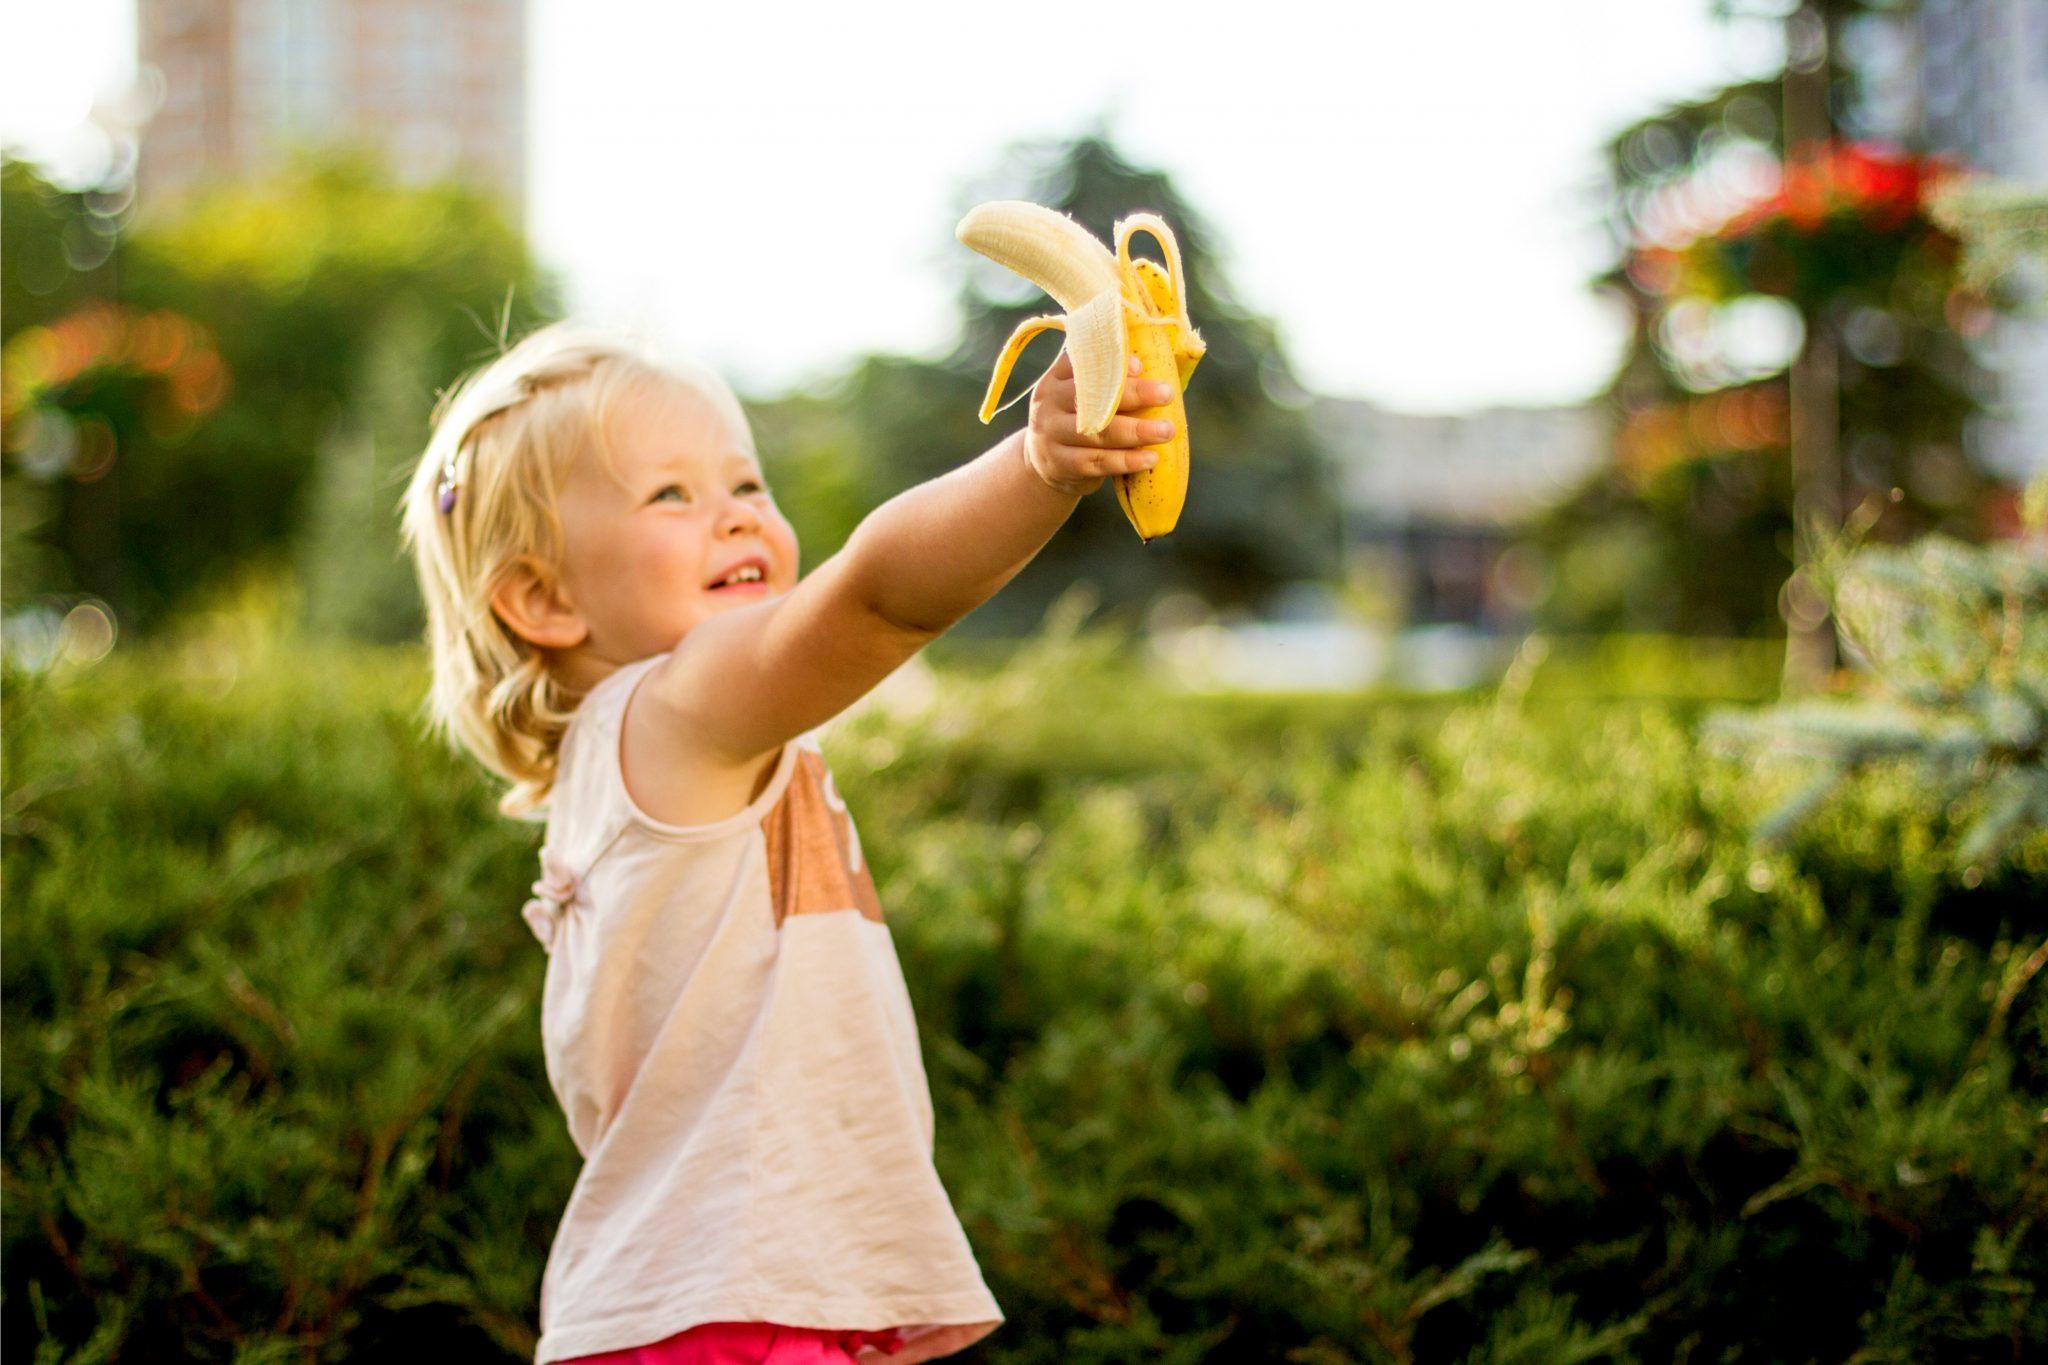 バナナをつかんでいる女の子